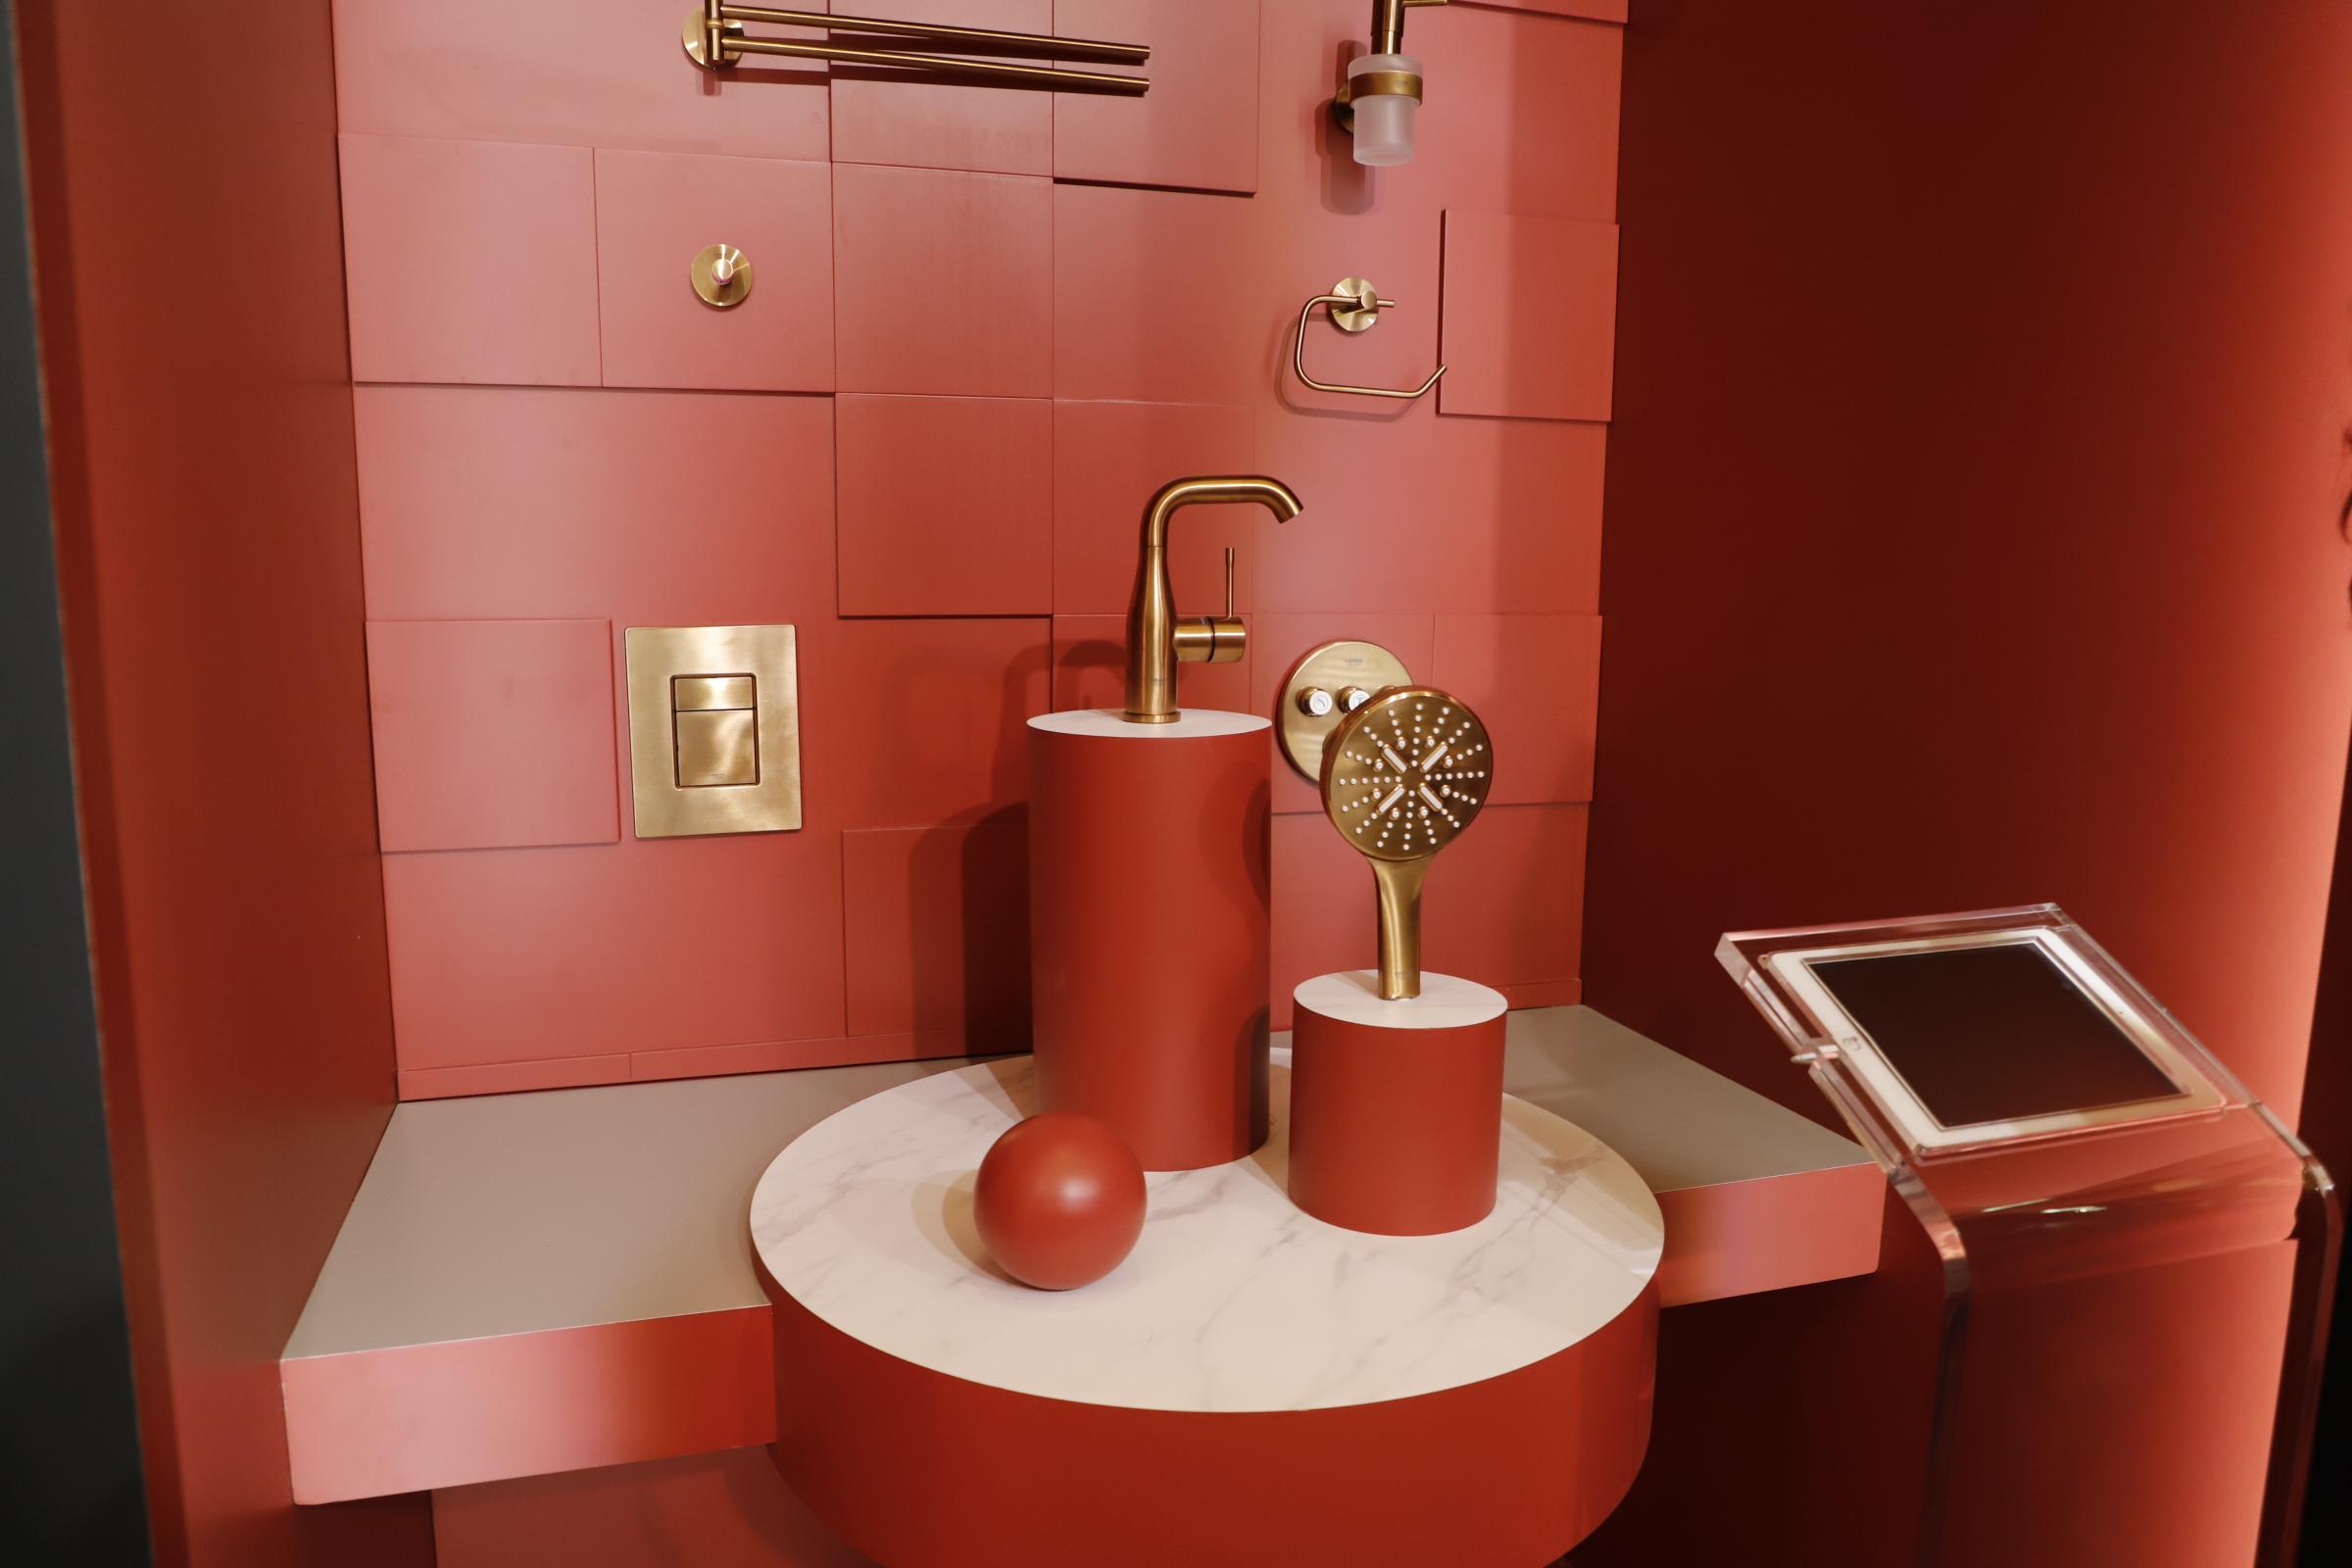 高仪:高仪色彩,自由选择,今年的高仪卫浴主打亮眼色彩系,尤为吸人眼球。